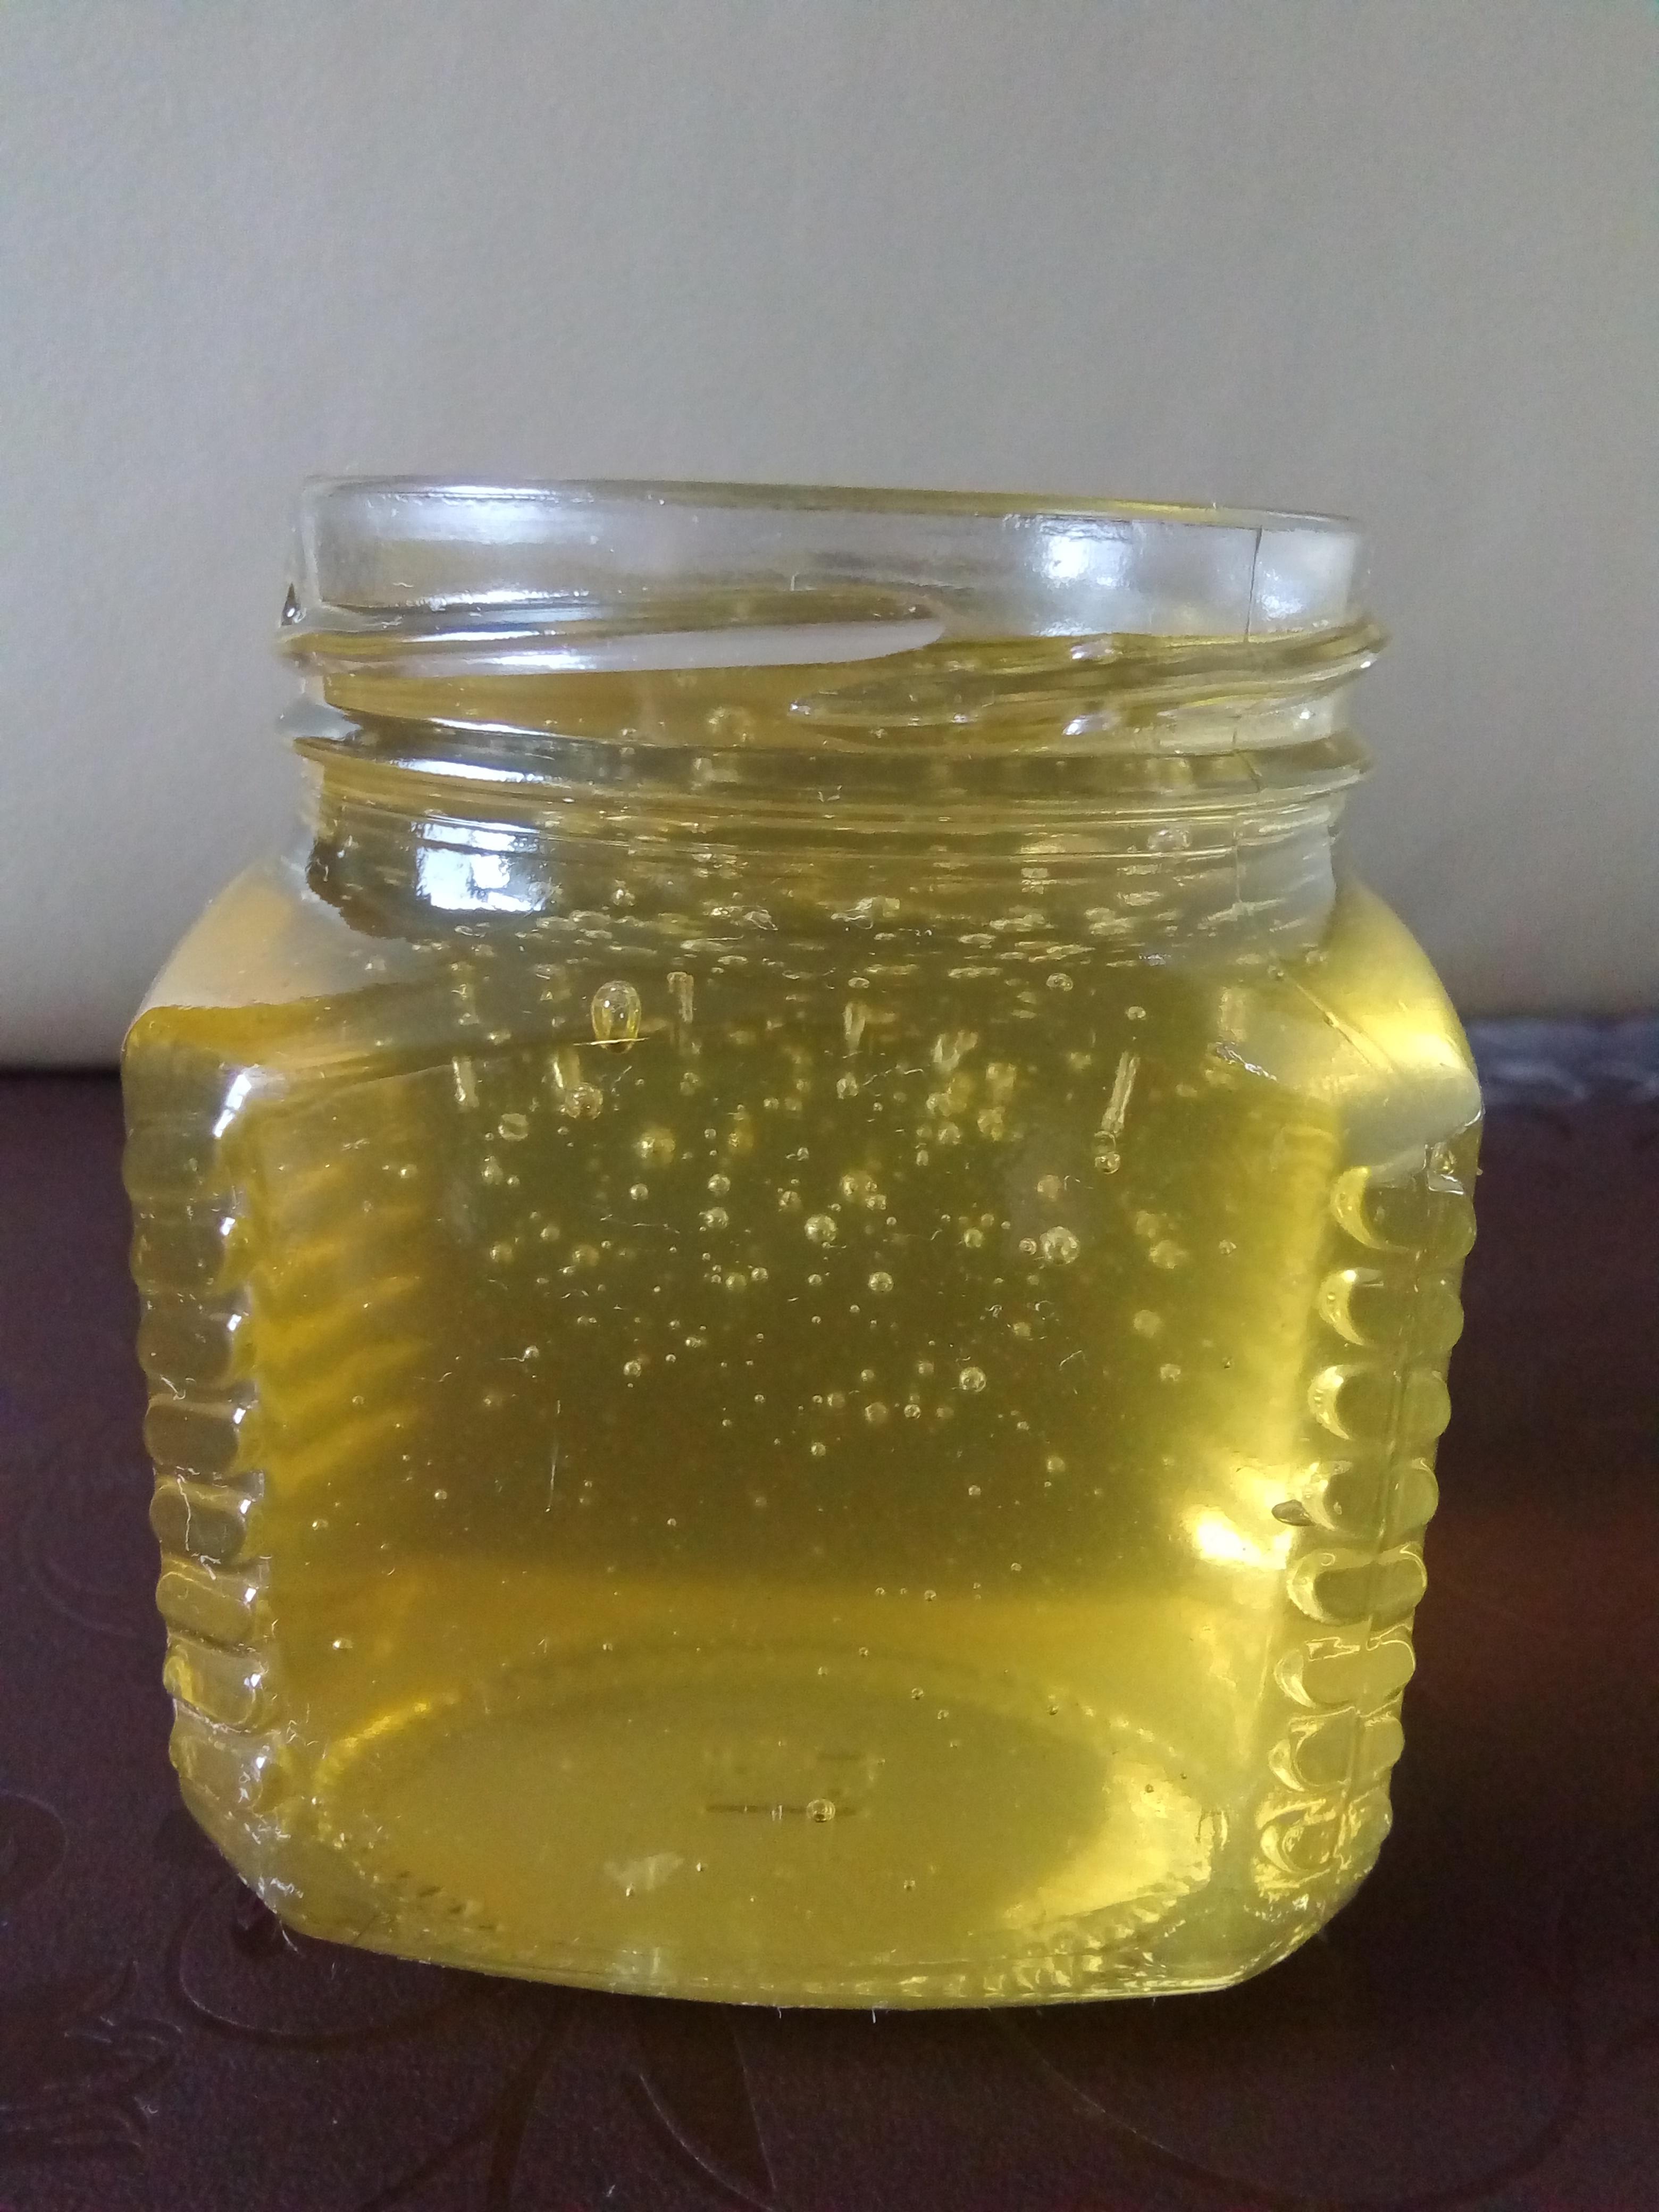 картинка Светлый мёд первой качки от магазина Одежда+